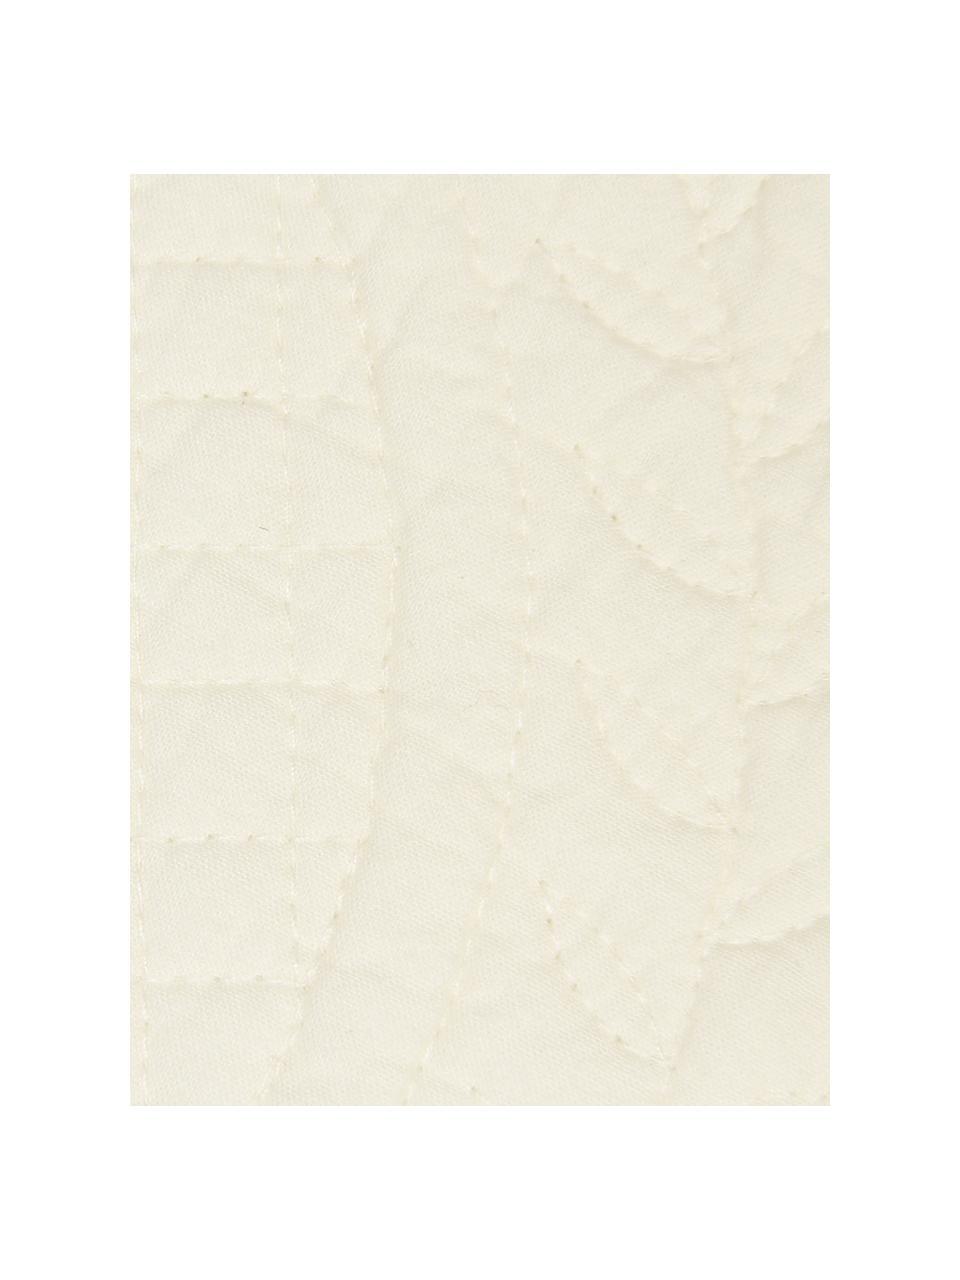 Tovaglietta americana in cotone Boutis 2 pz, 100% cotone, Color avorio, Larg. 34 x Lung. 48 cm